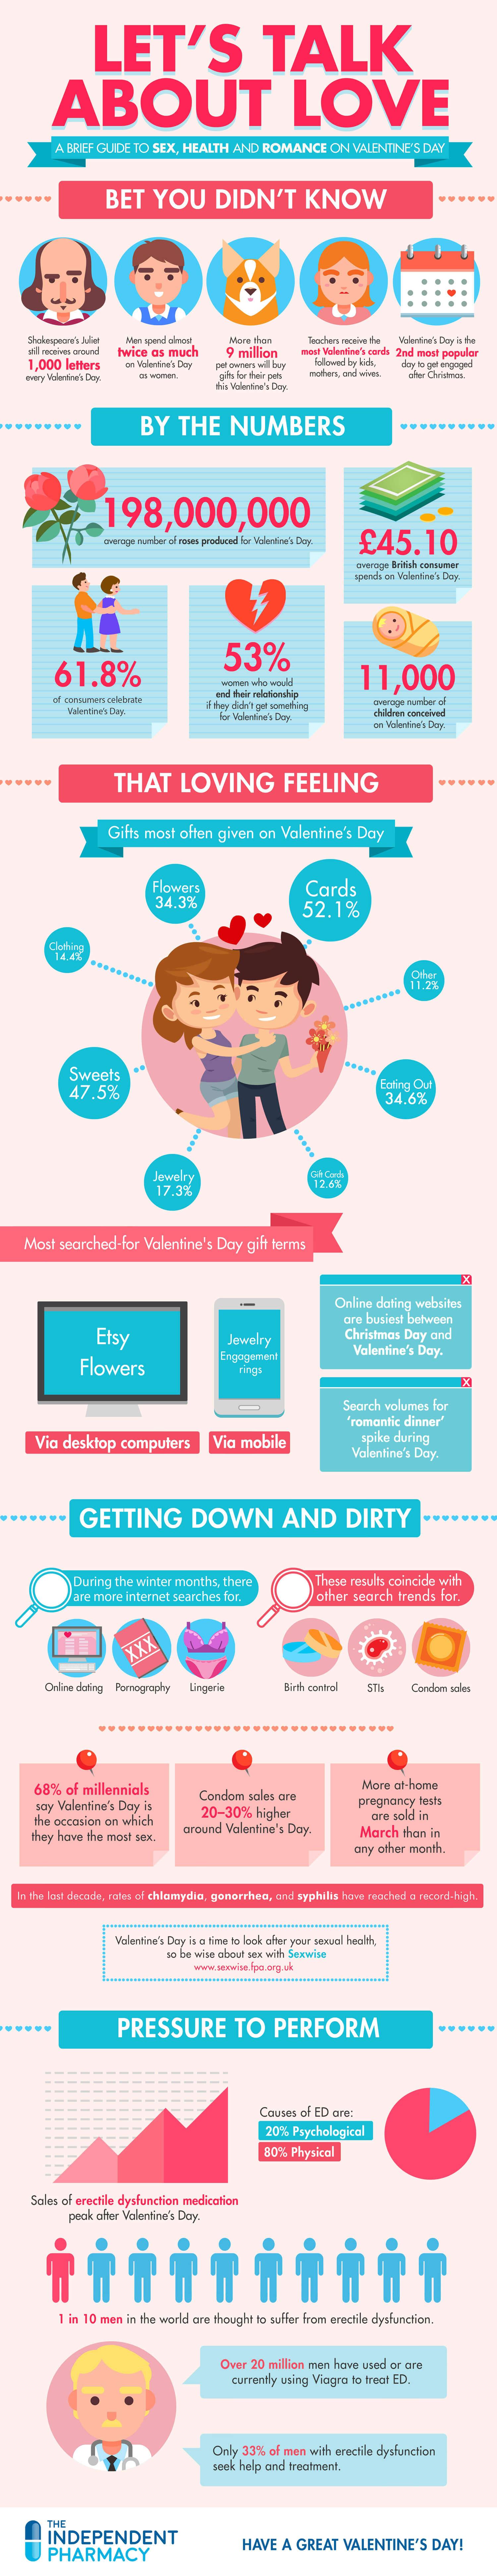 Valentines-Day-Health-2019-infographic-galleryr